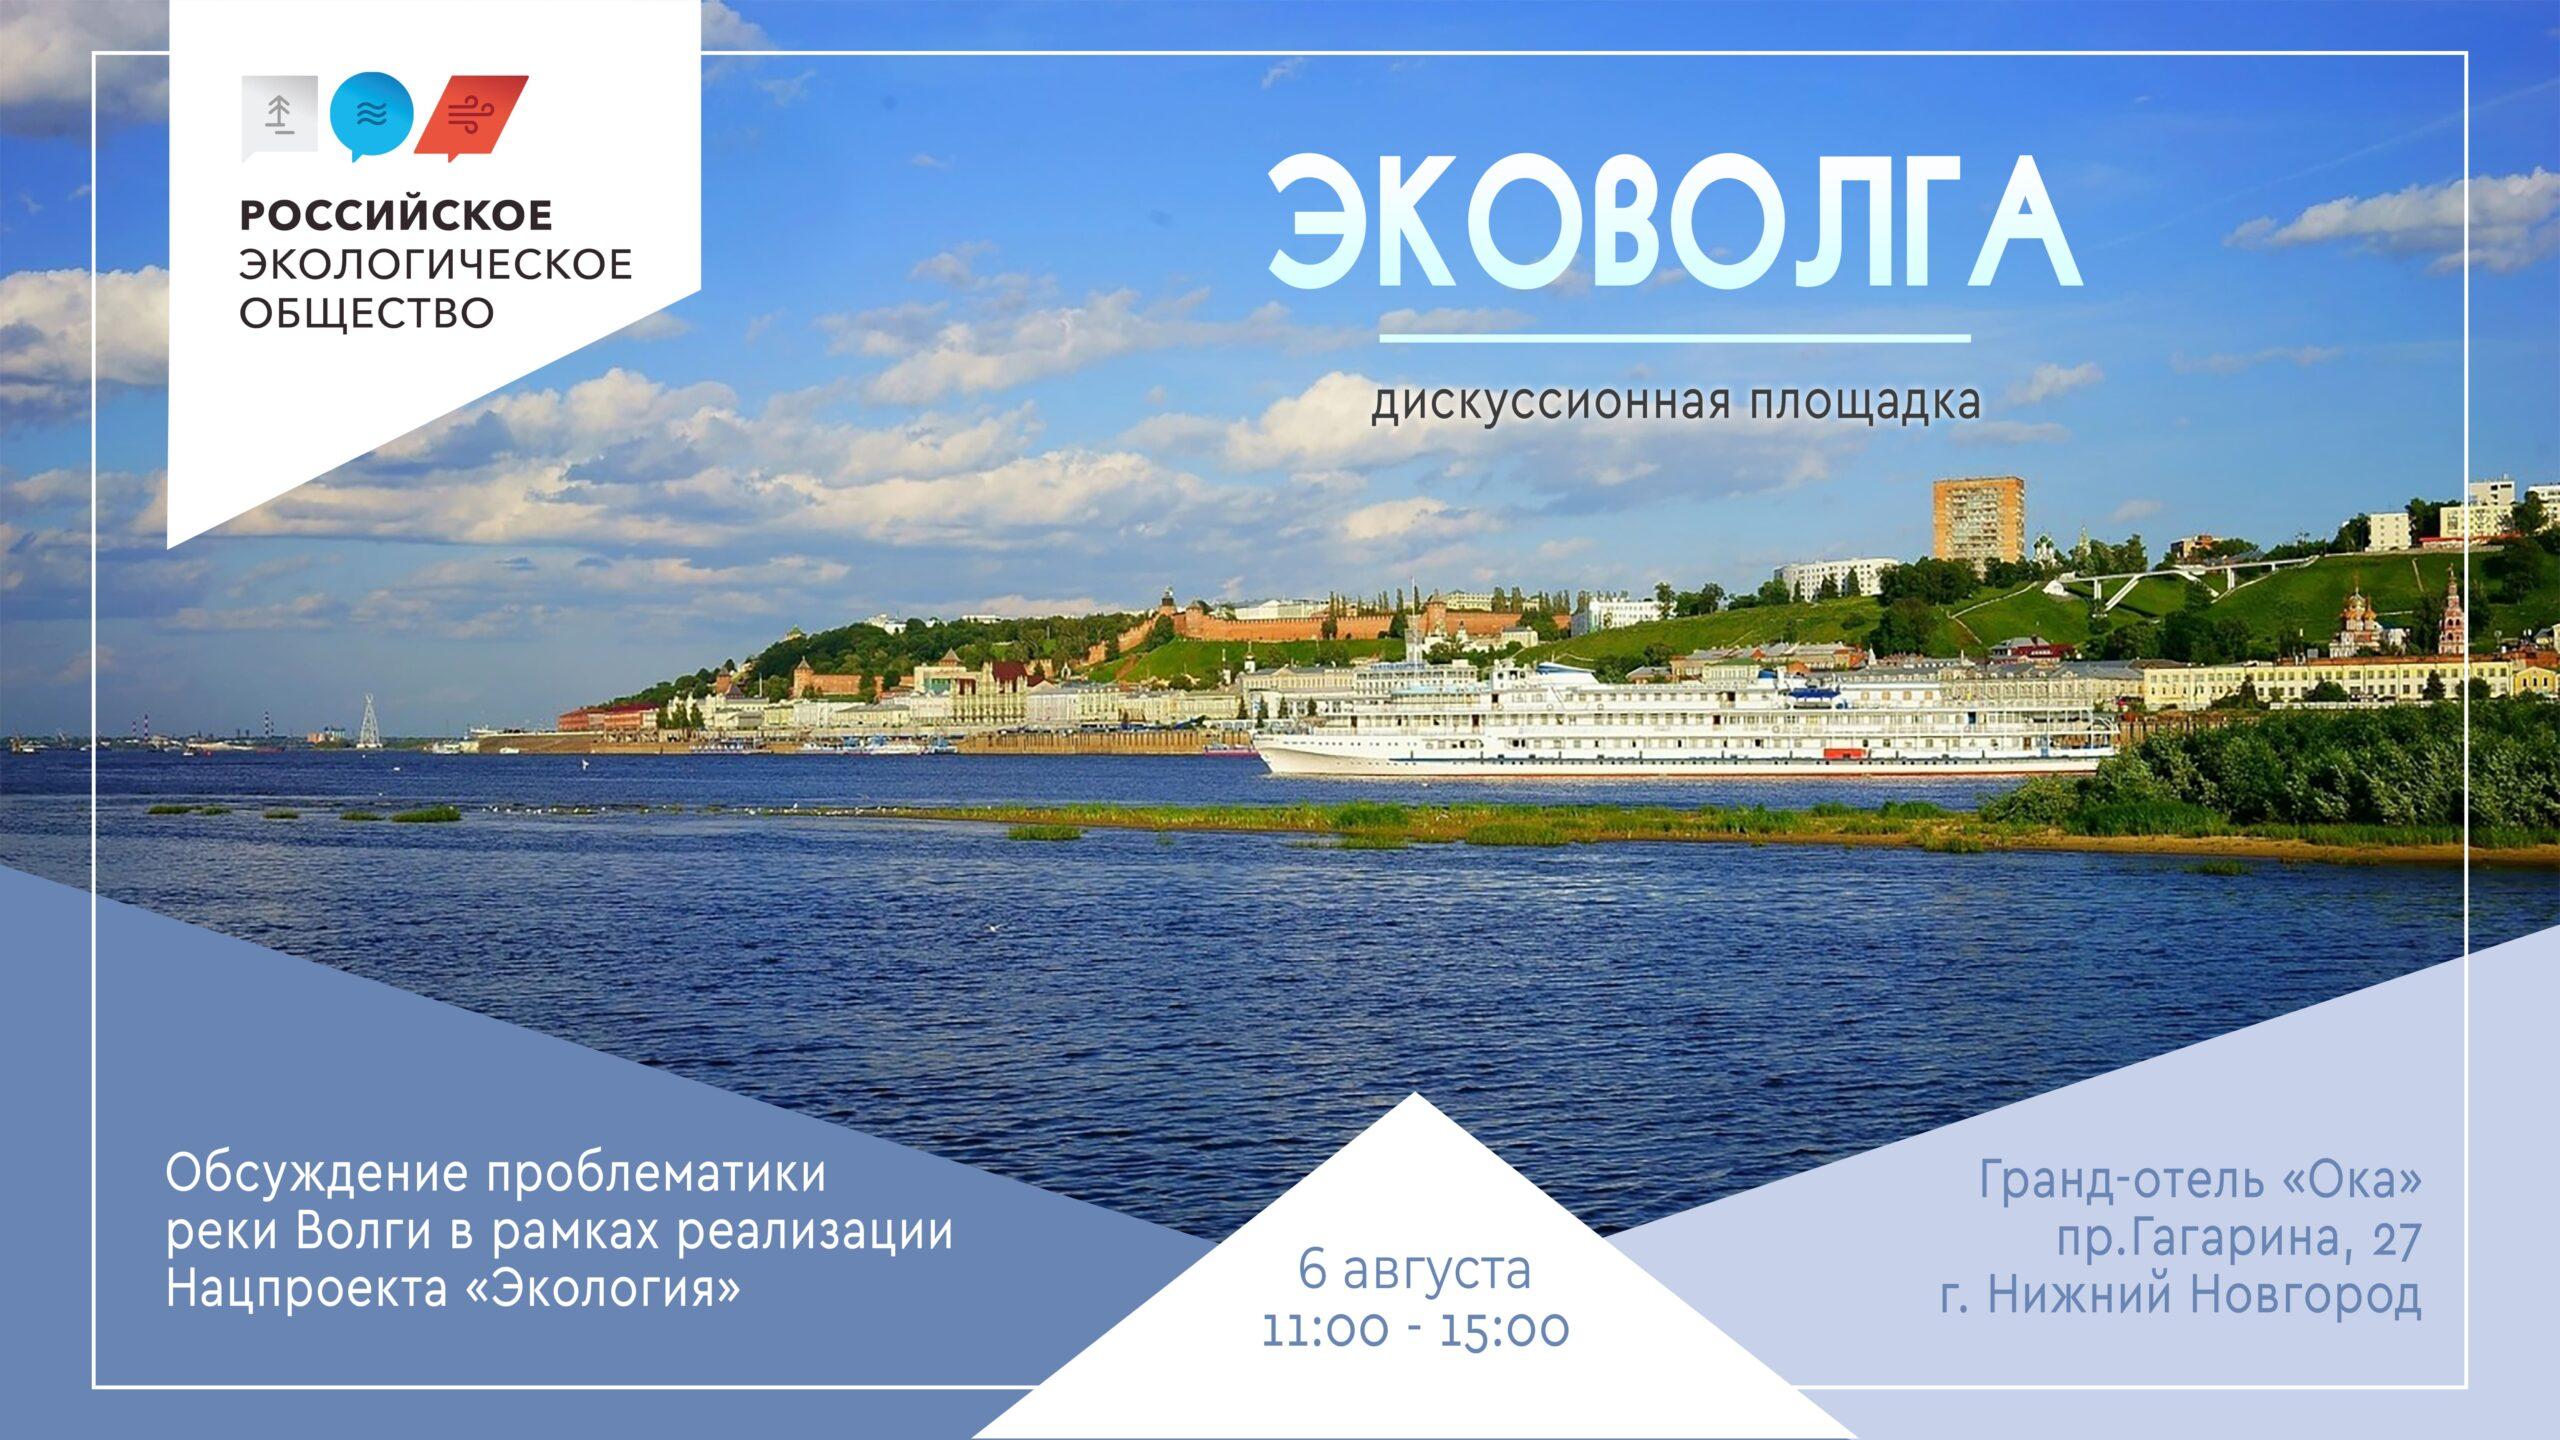 Российское экологическое общество предлагает обсудить в Нижнем Новгороде проблематику реки Волги в рамках реализации Национального проекта «Экология»